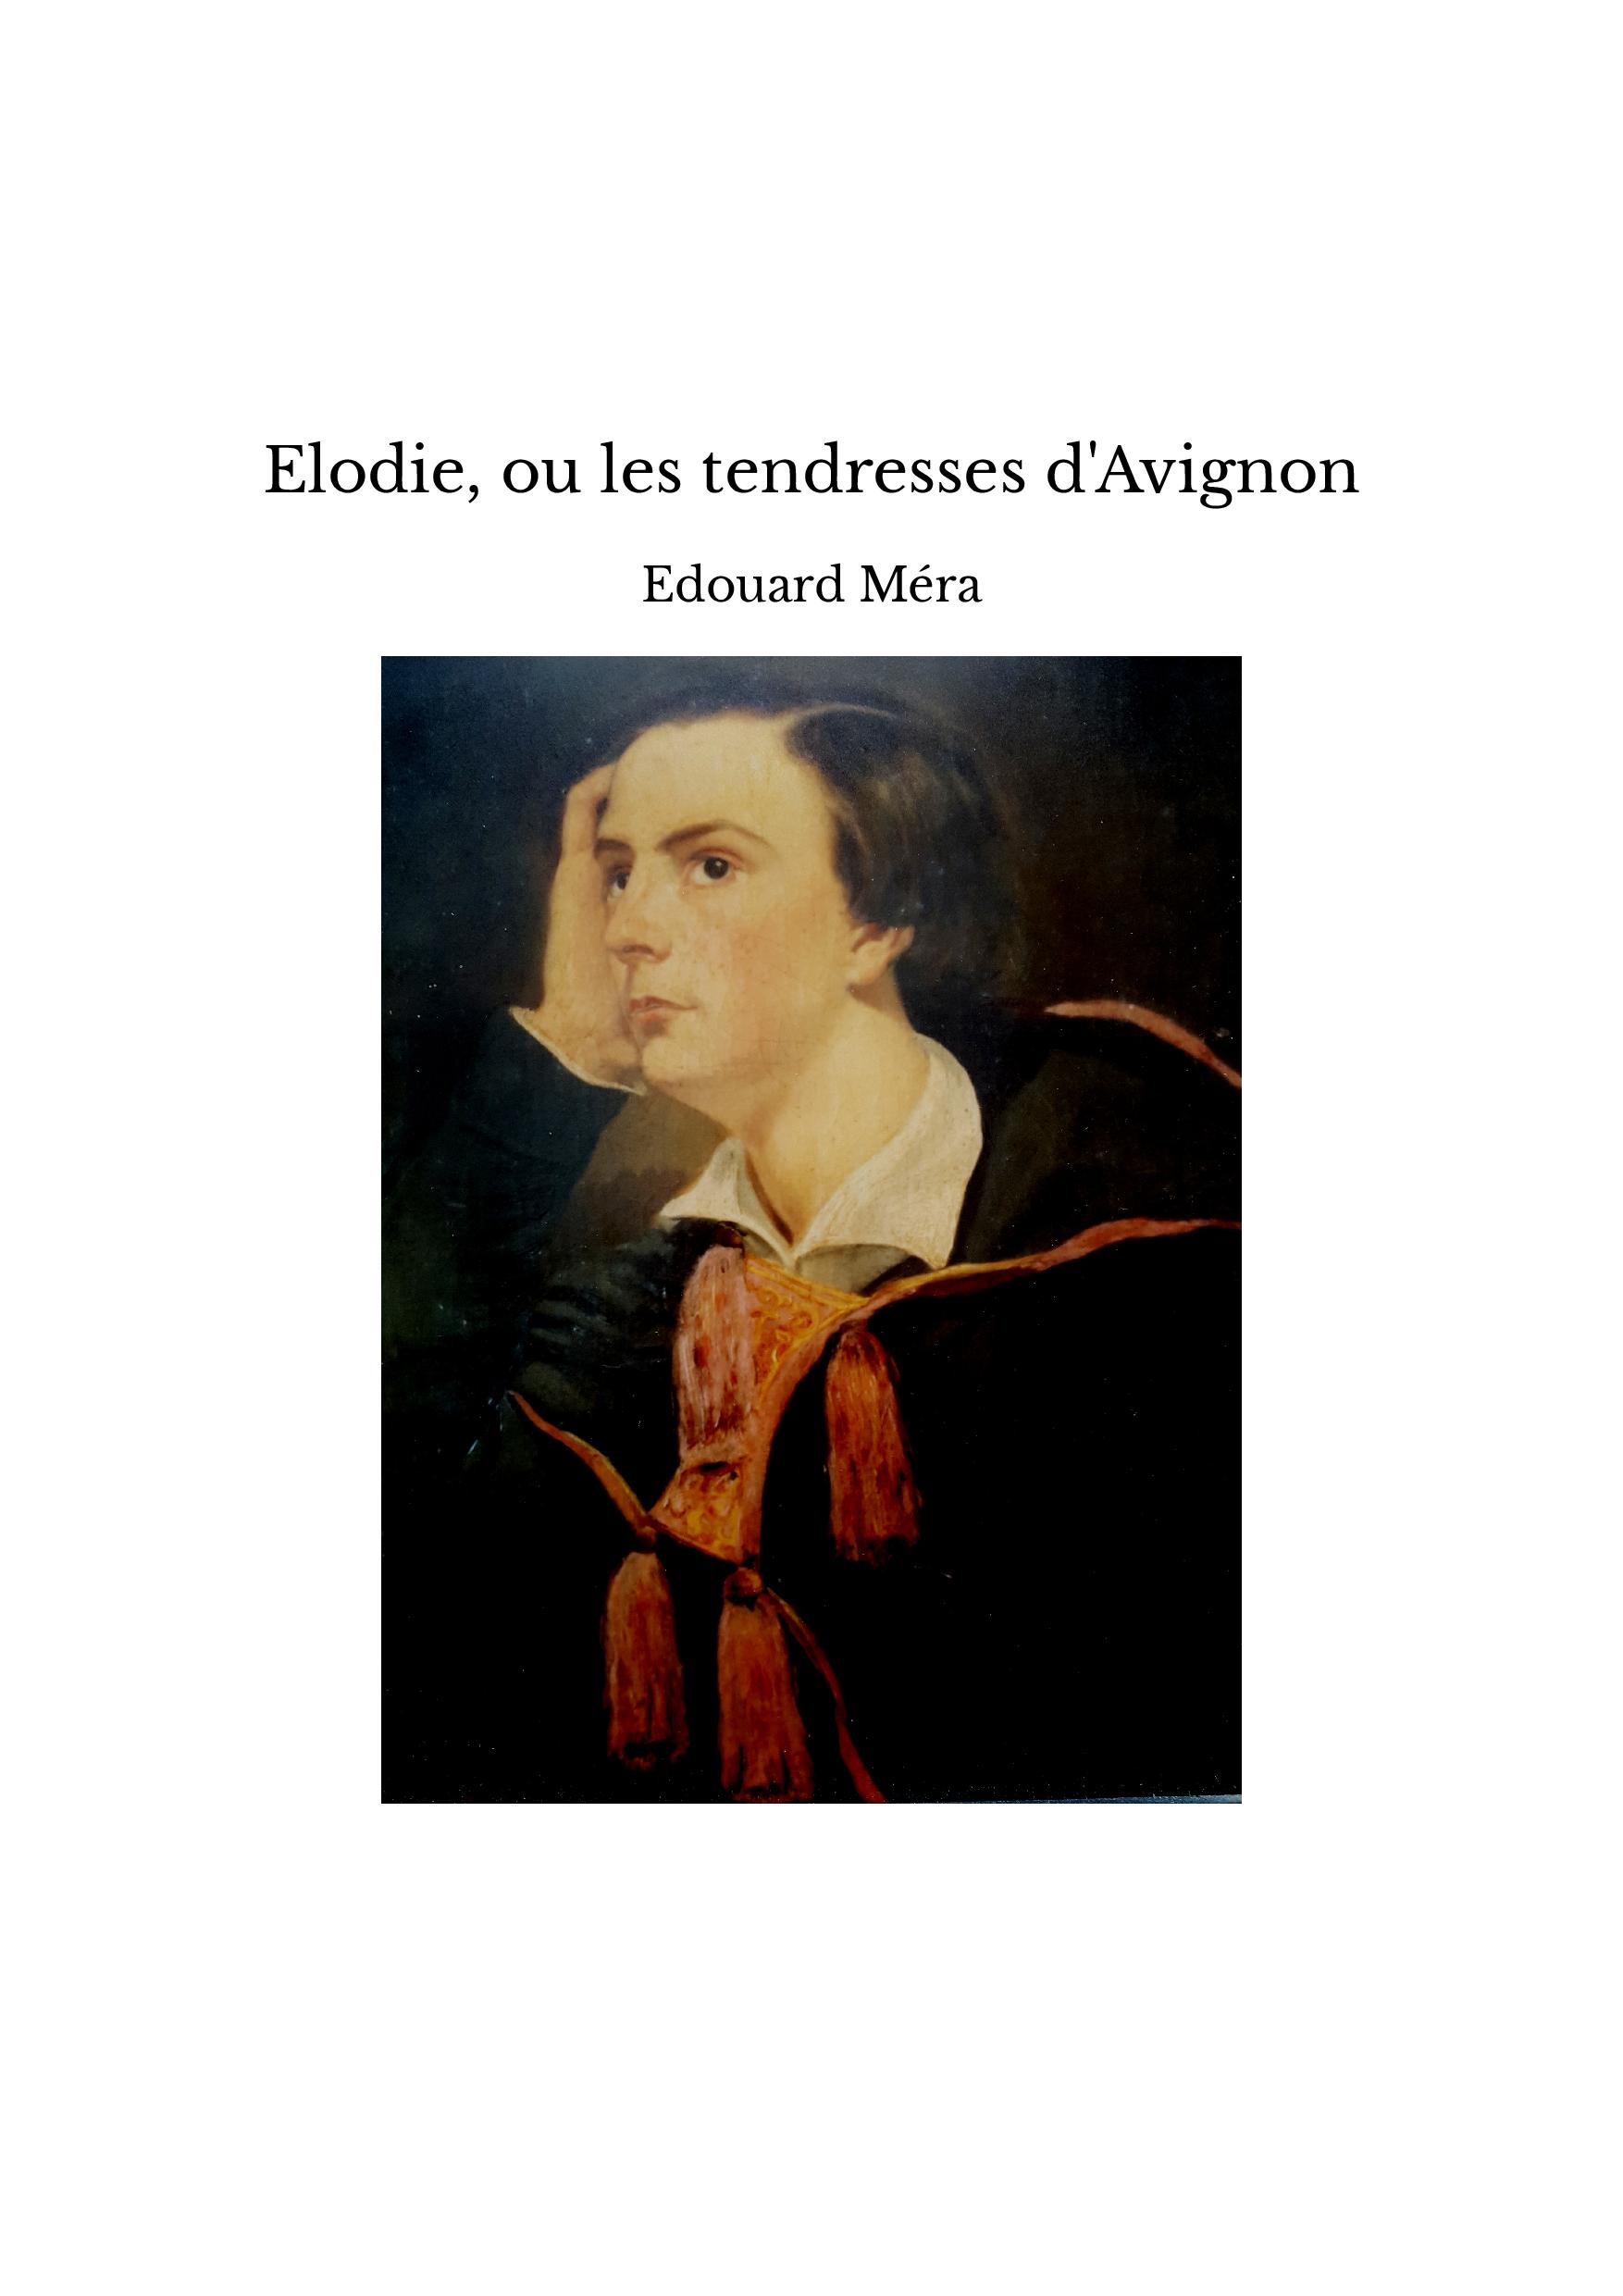 Elodie, ou les tendresses d'Avignon